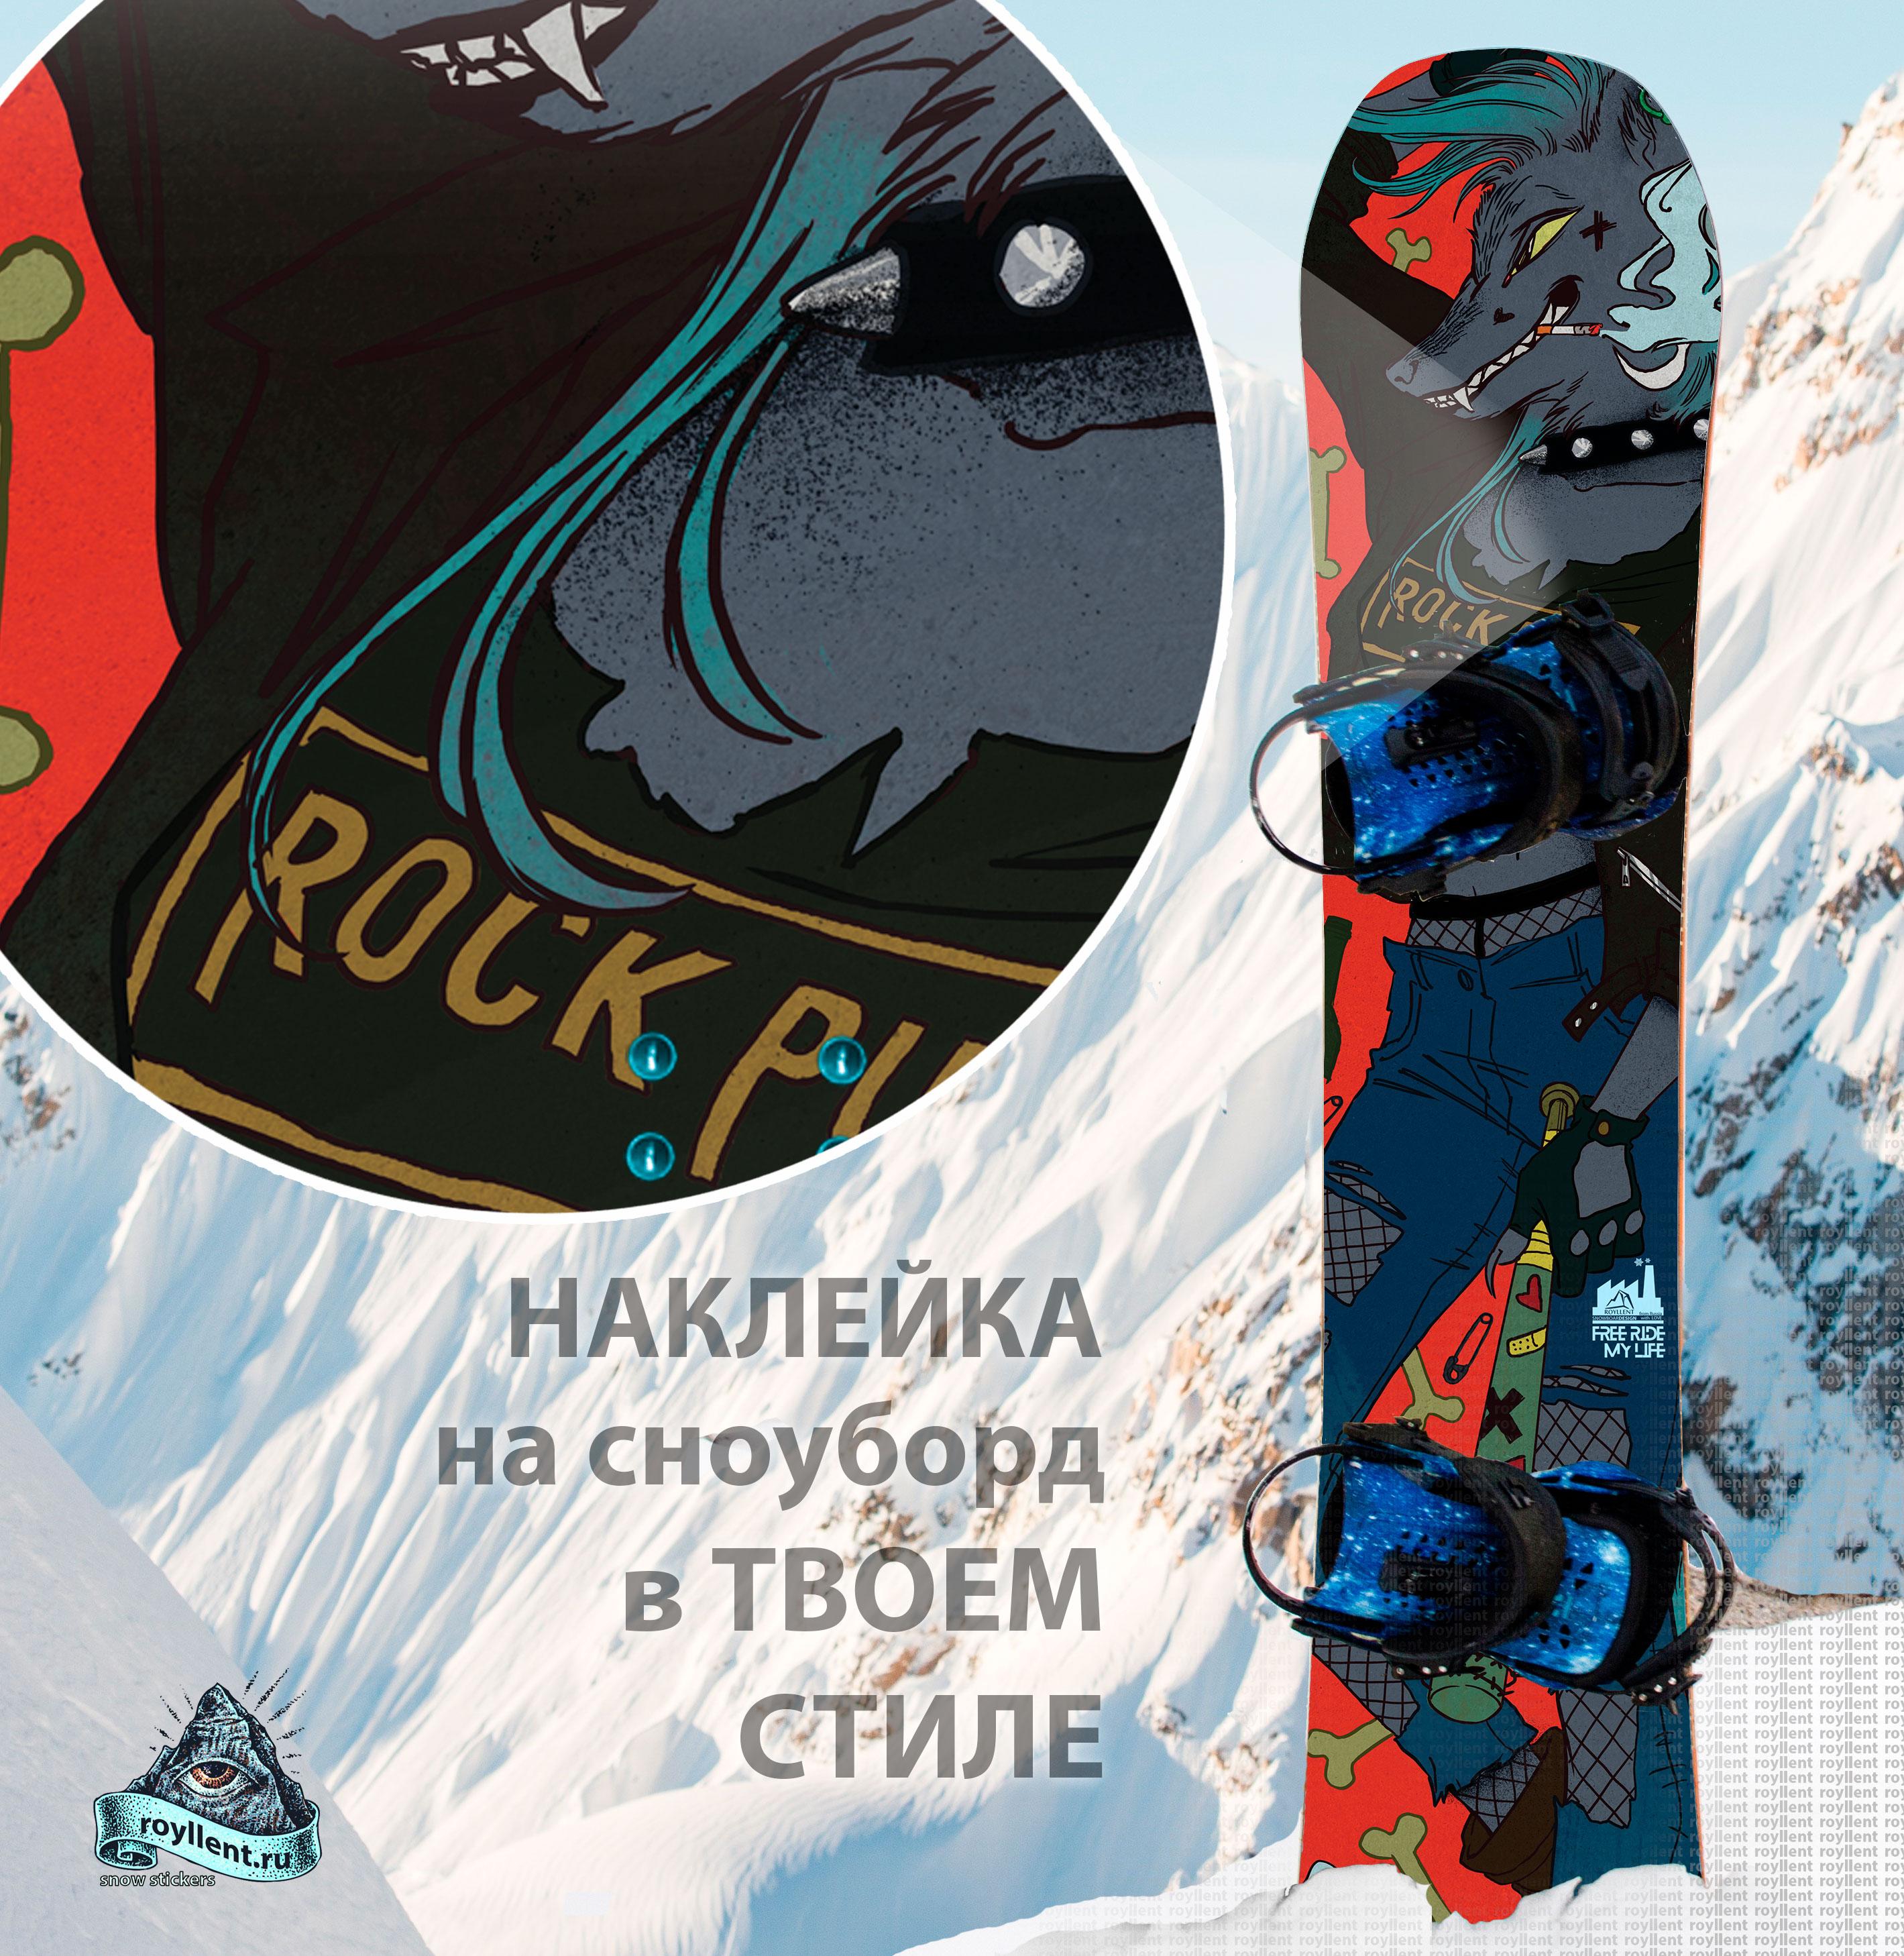 Volchitsa сноуборд дизайн